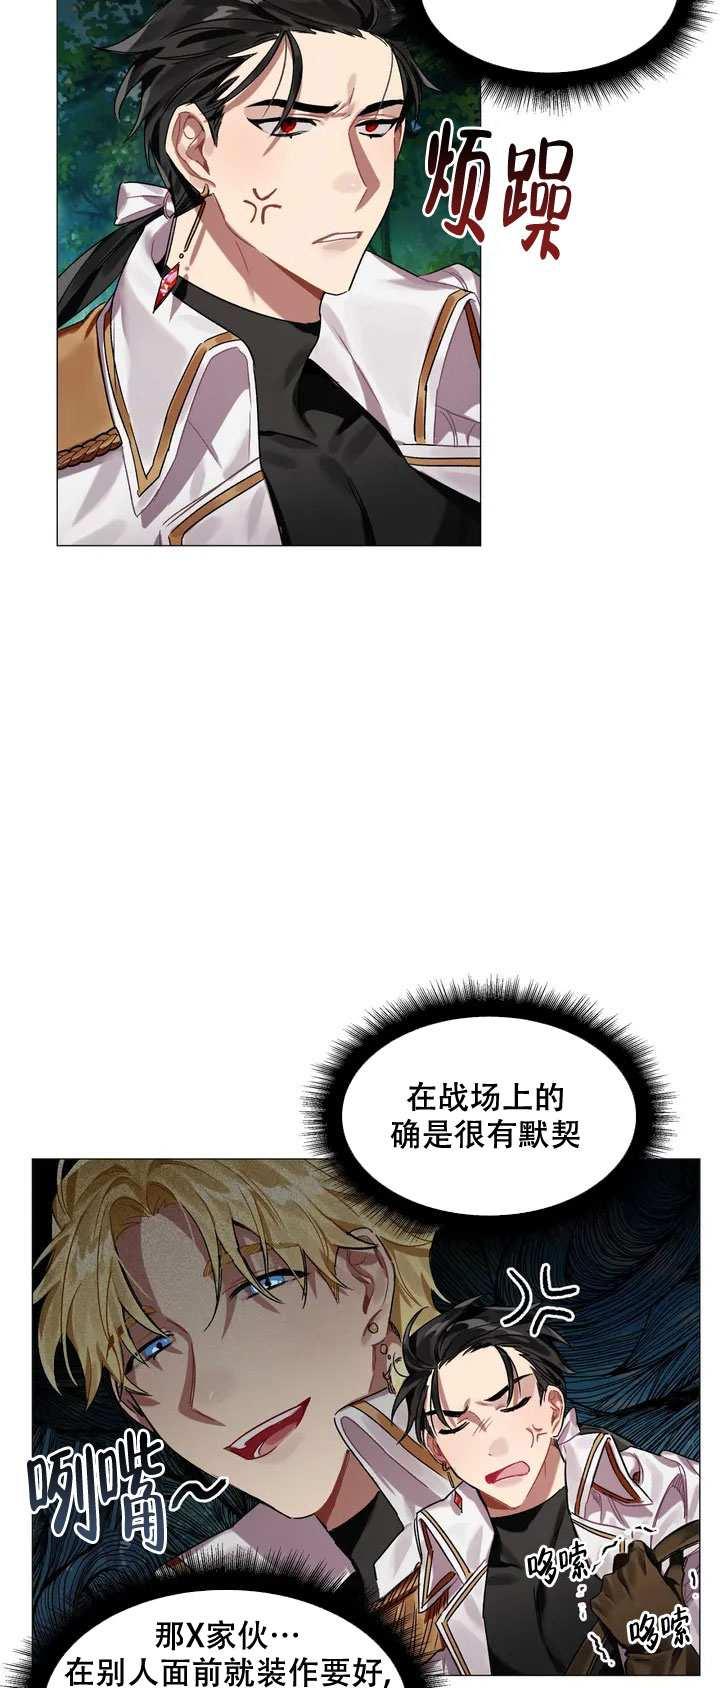 韩漫 |《被冤家求婚了》说好了把彼此当对手,你却要向我求婚  第9张